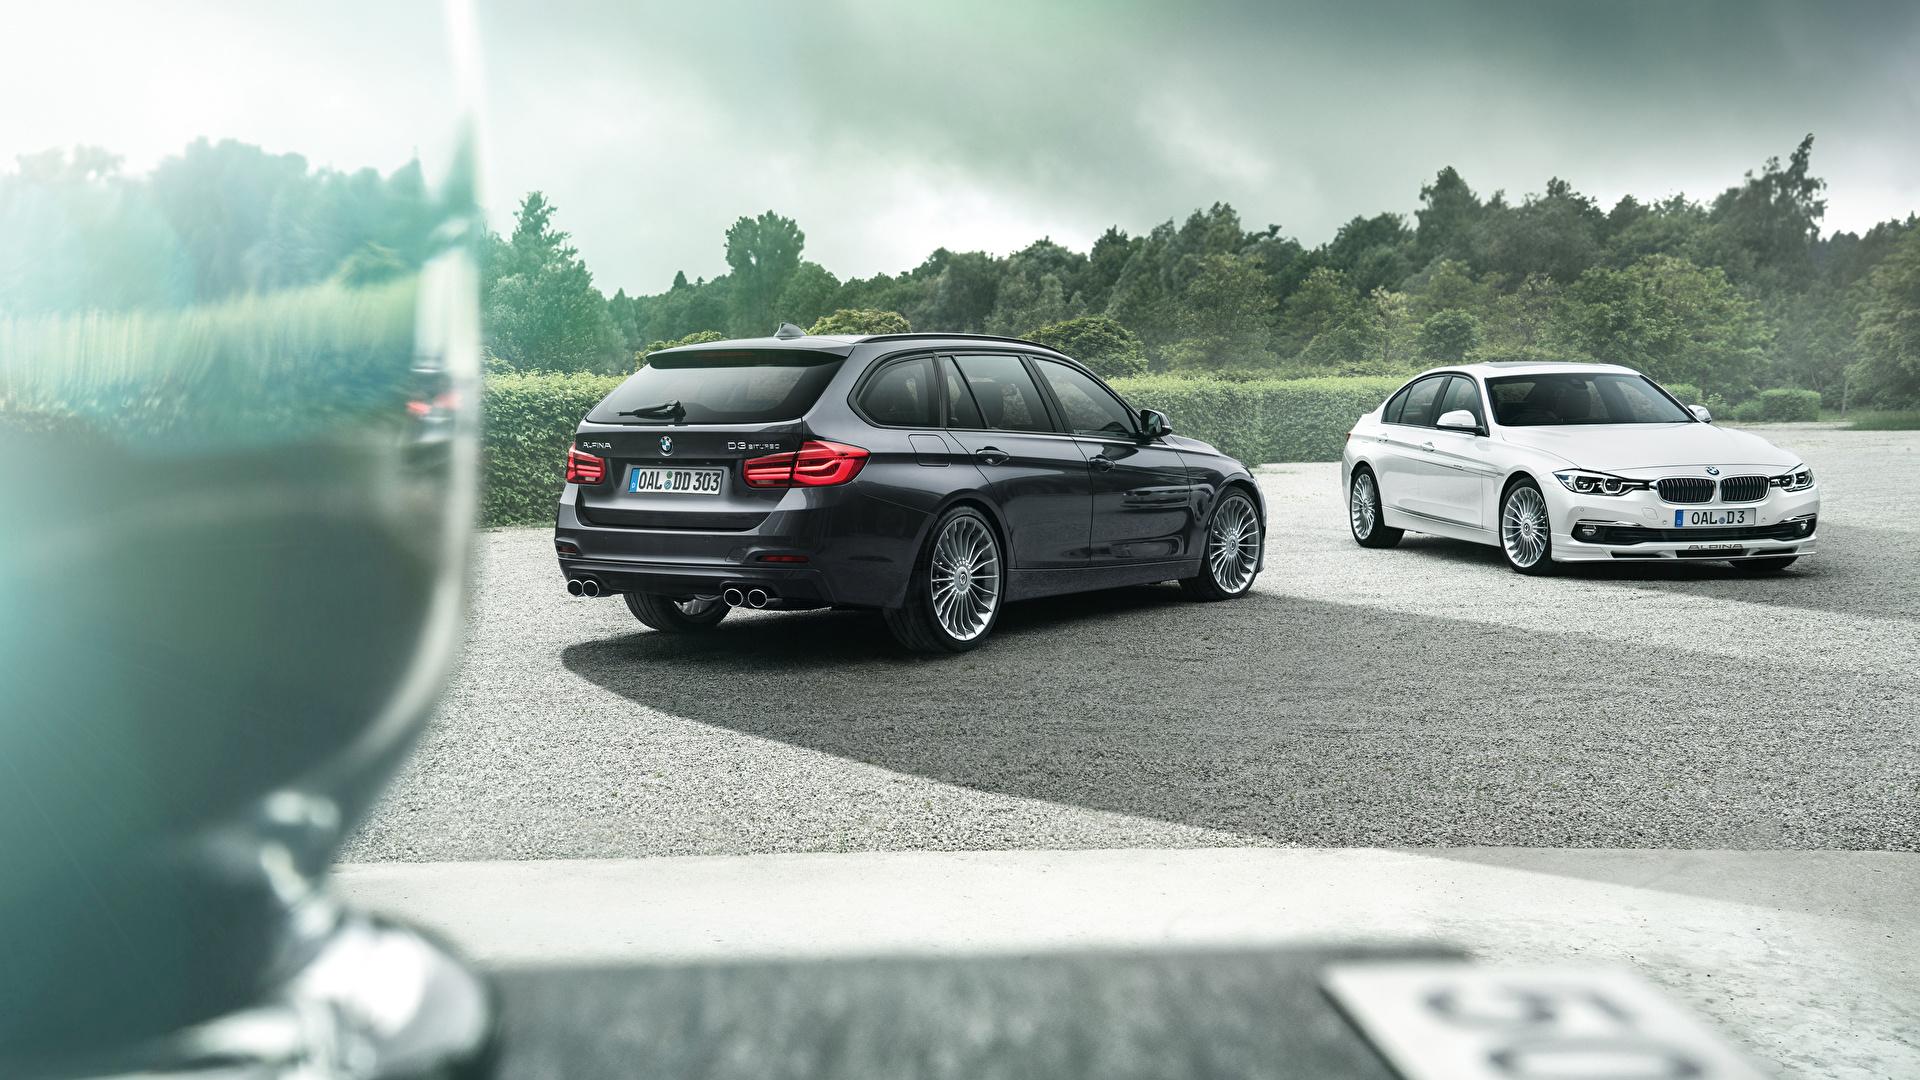 Фотография BMW F31, Alpina, 2013, 3 Series кабриолета авто 1920x1080 БМВ Кабриолет машина машины Автомобили автомобиль